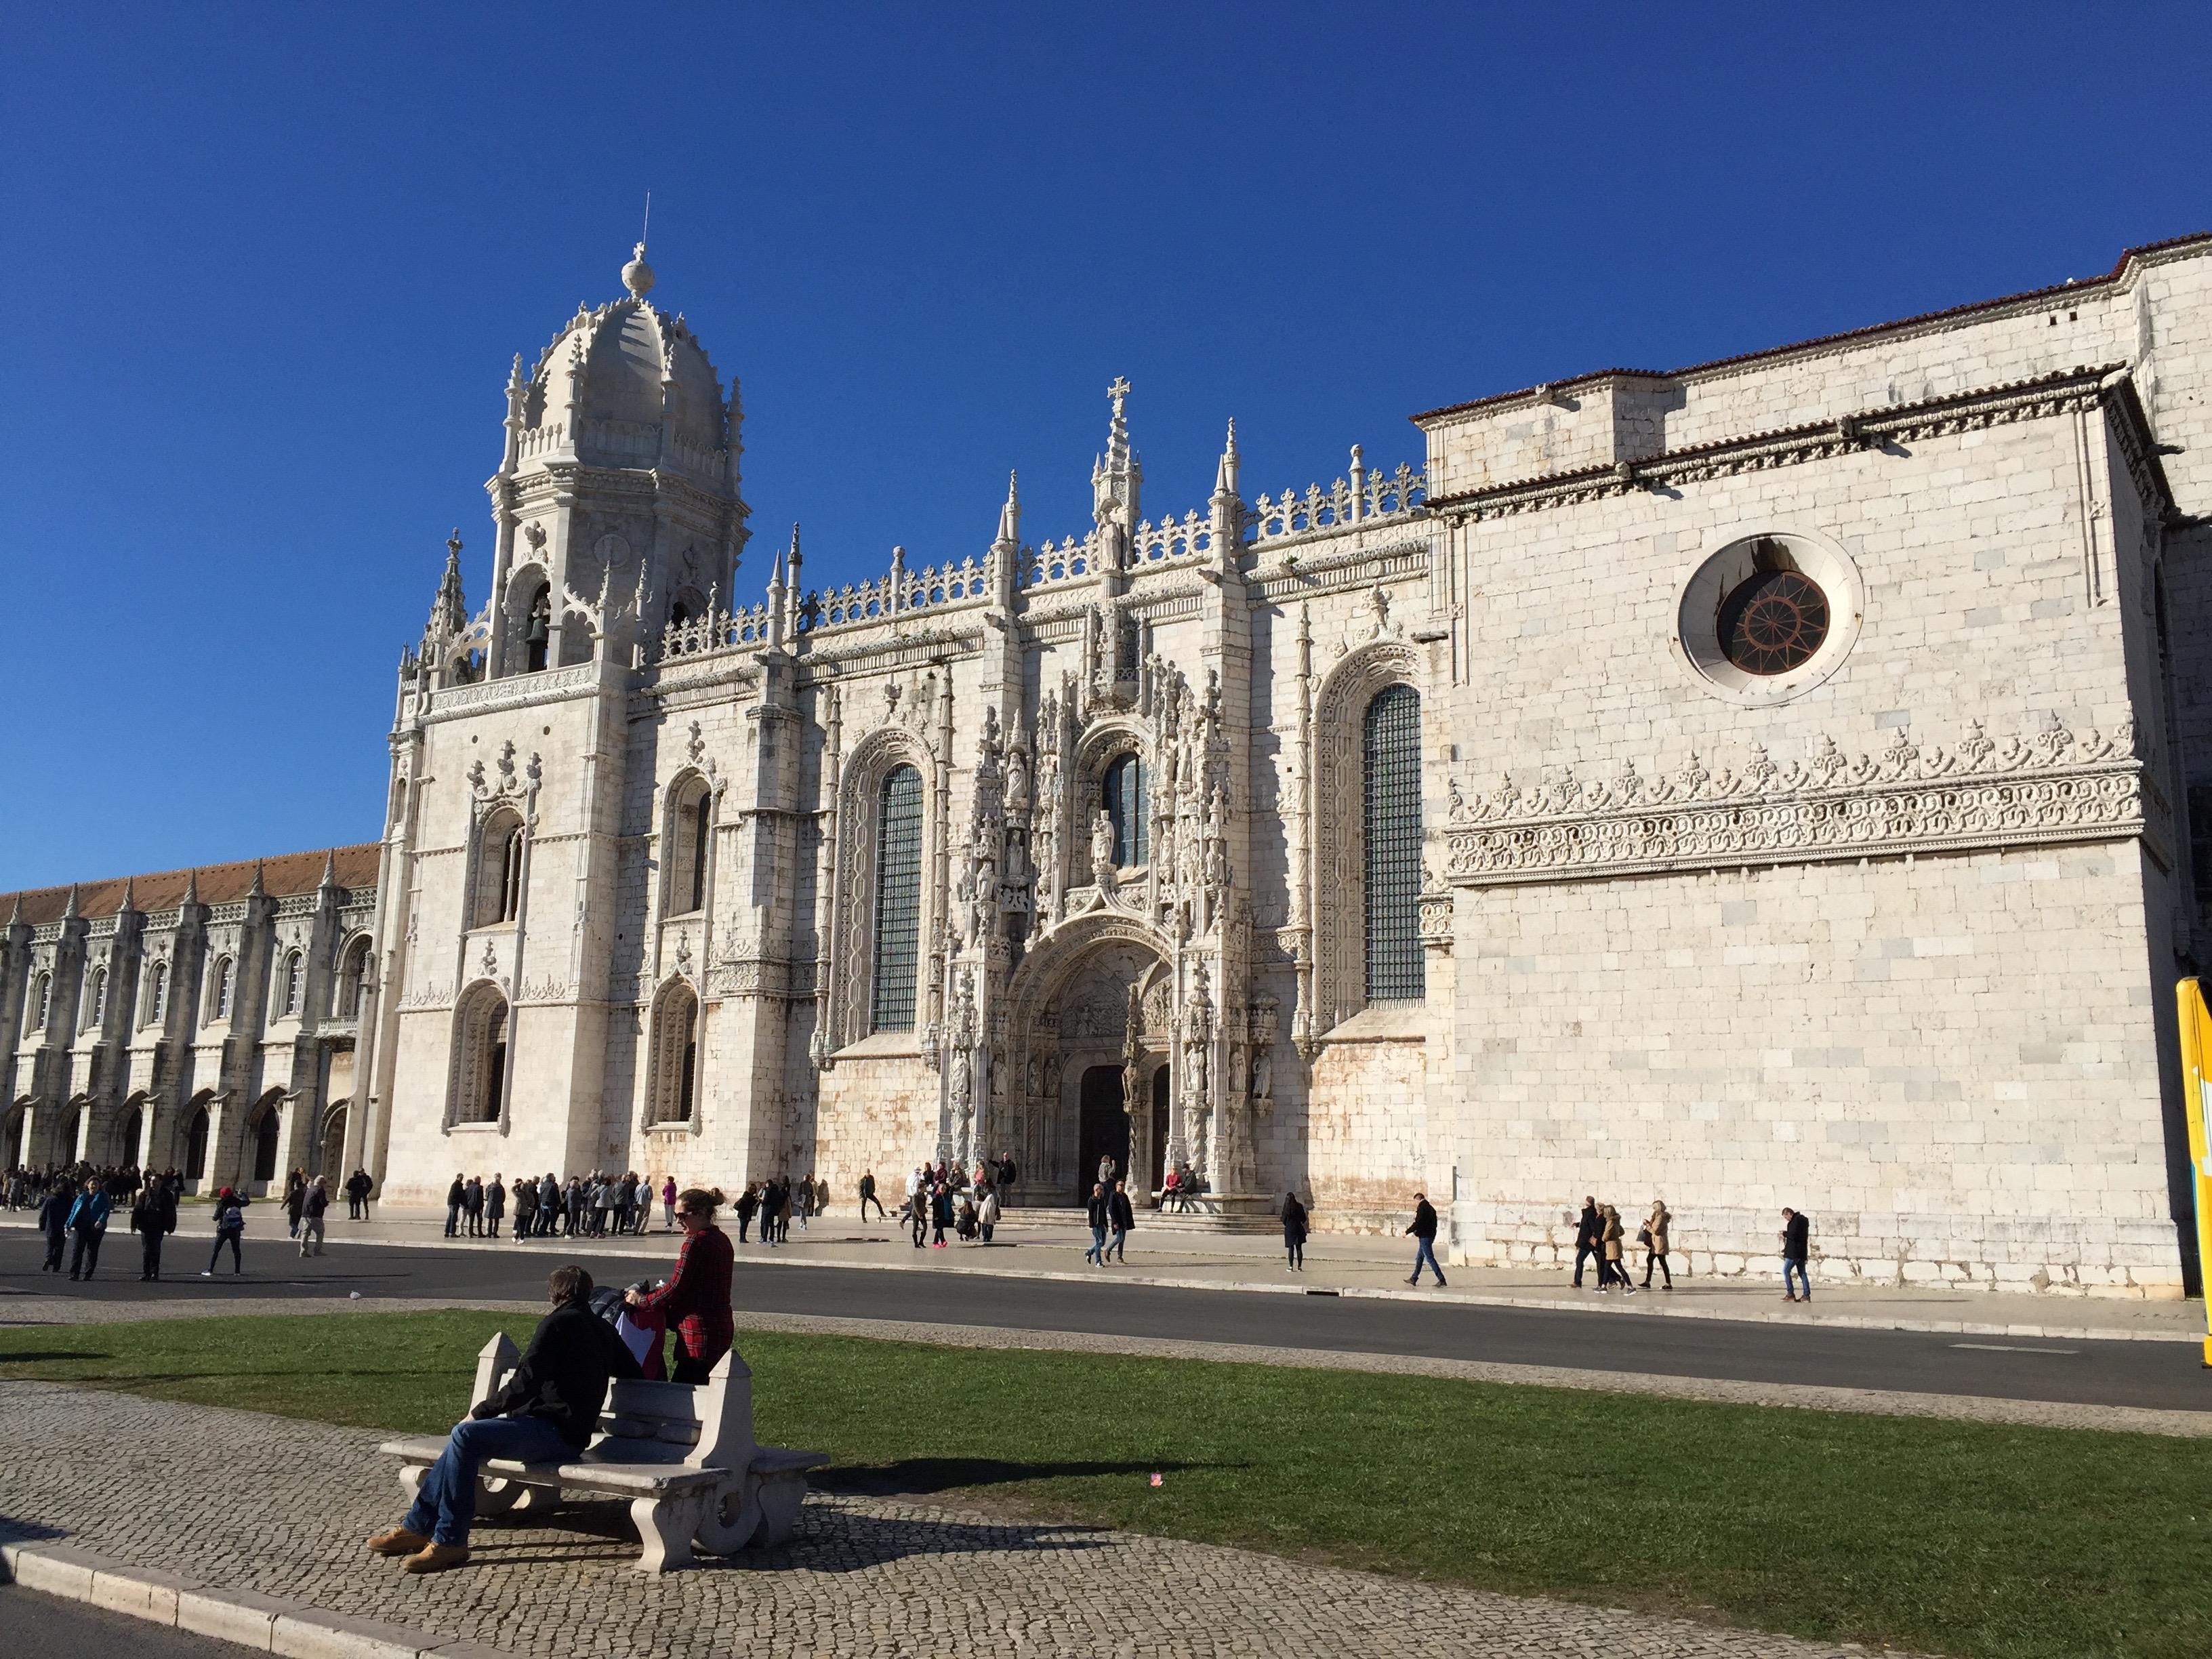 belem_cathedral_lisbon_lustforthesublime